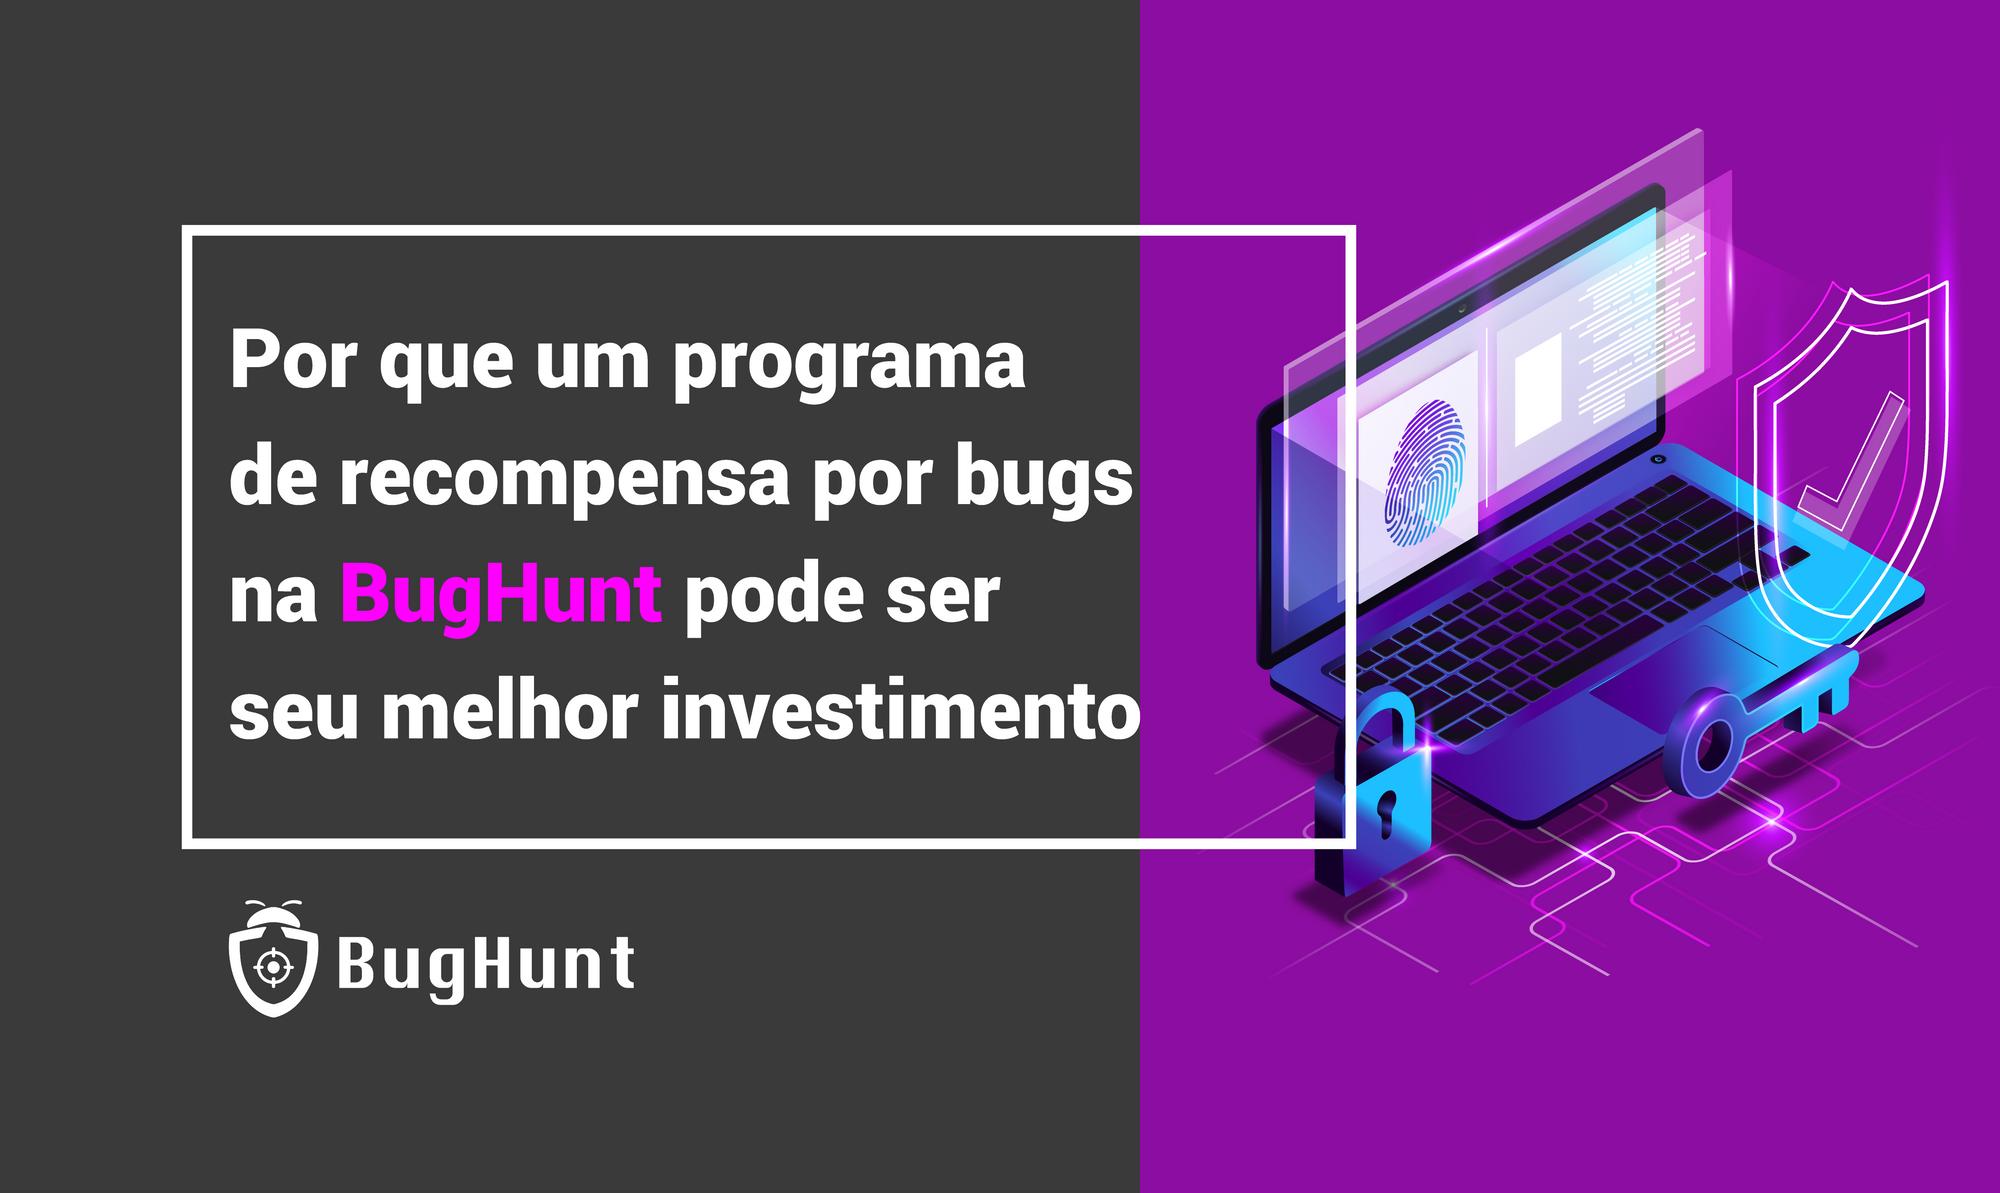 Por que um programa de recompensa por bugs na BugHunt pode ser seu melhor investimento